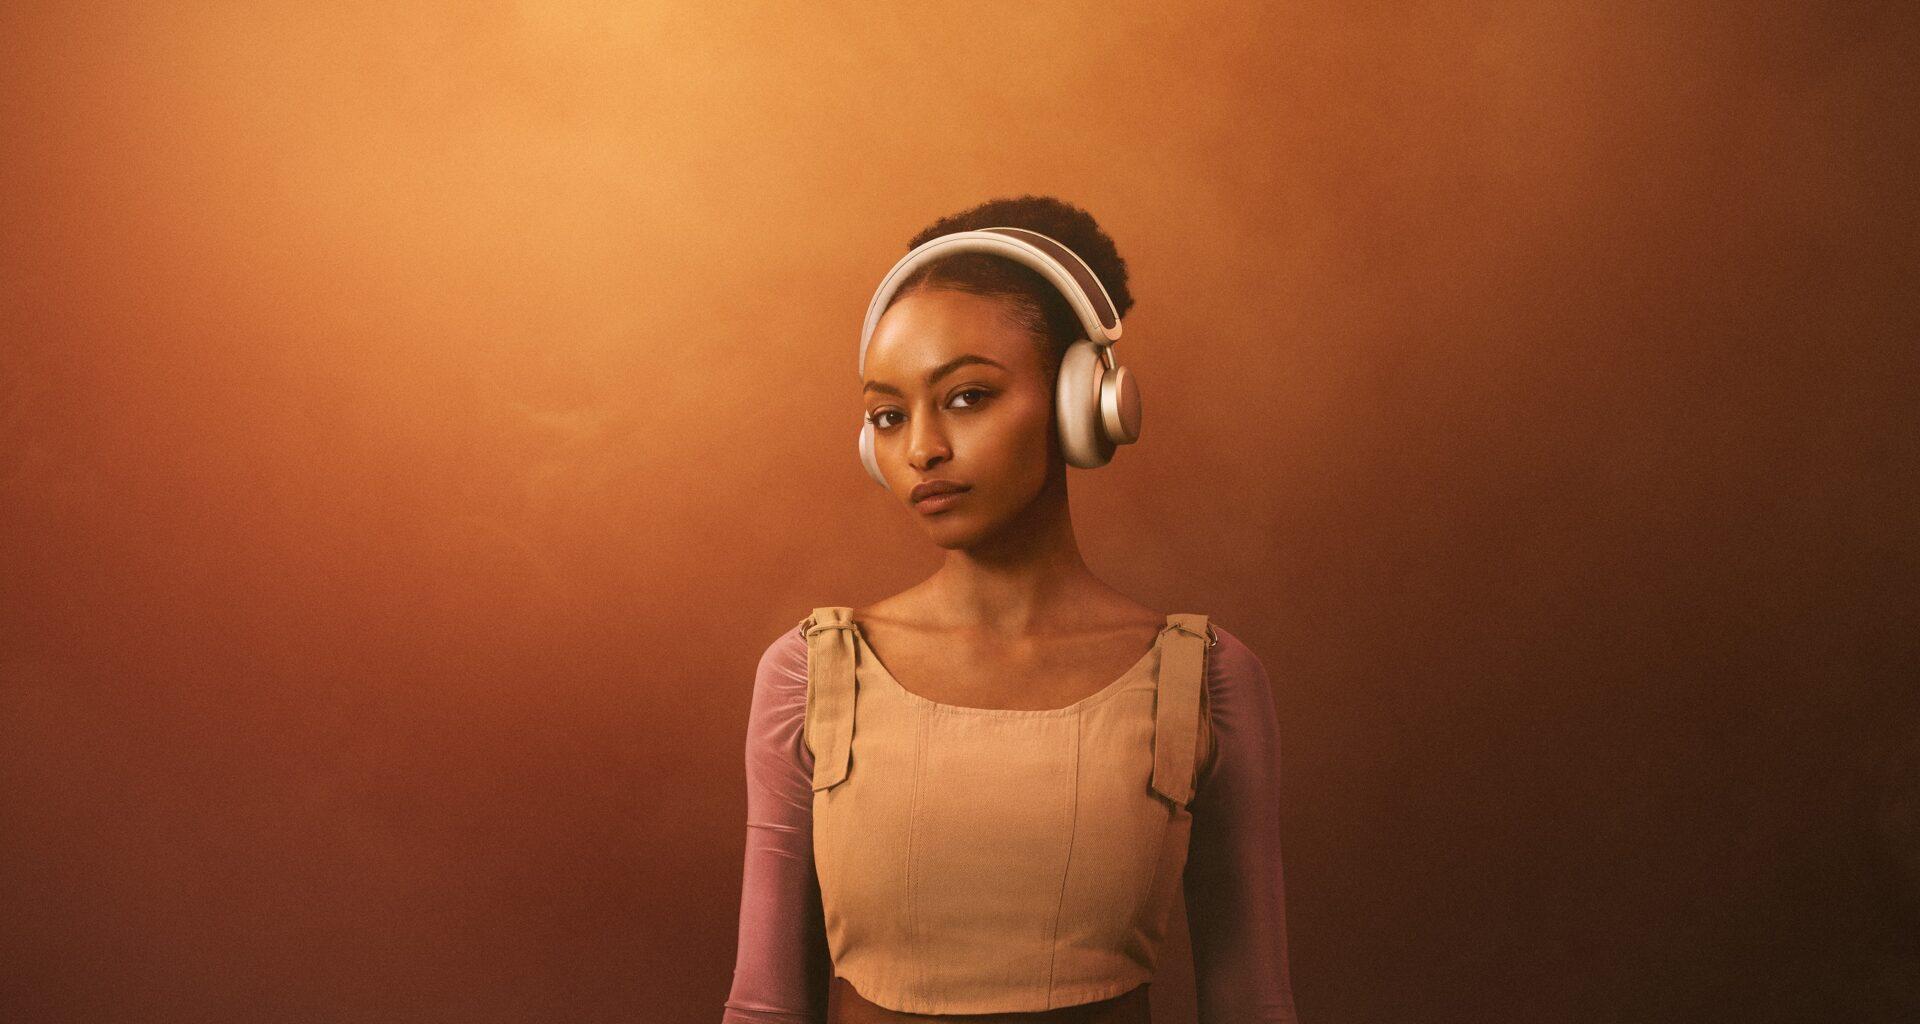 Urbanista sort le premier casque audio avec batterie illimitée - www.heavybull.com